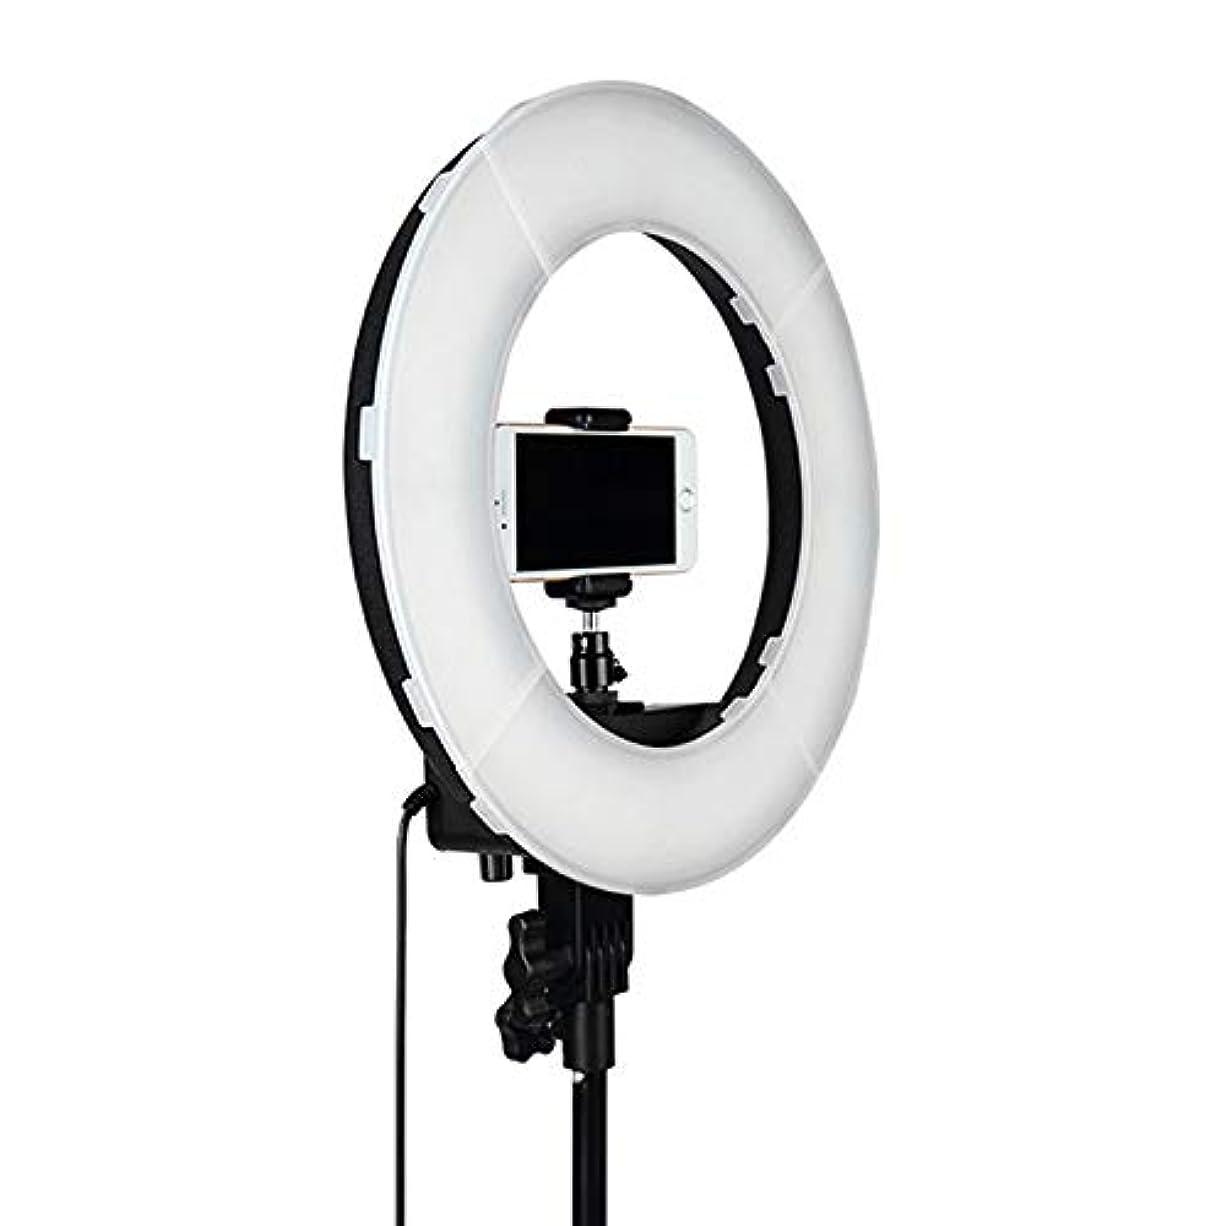 派生する立法剥離LEDリング美容ライト、写真撮影ライブセルフタイマーフィルライト、メイクアップ美容携帯電話フィルライト